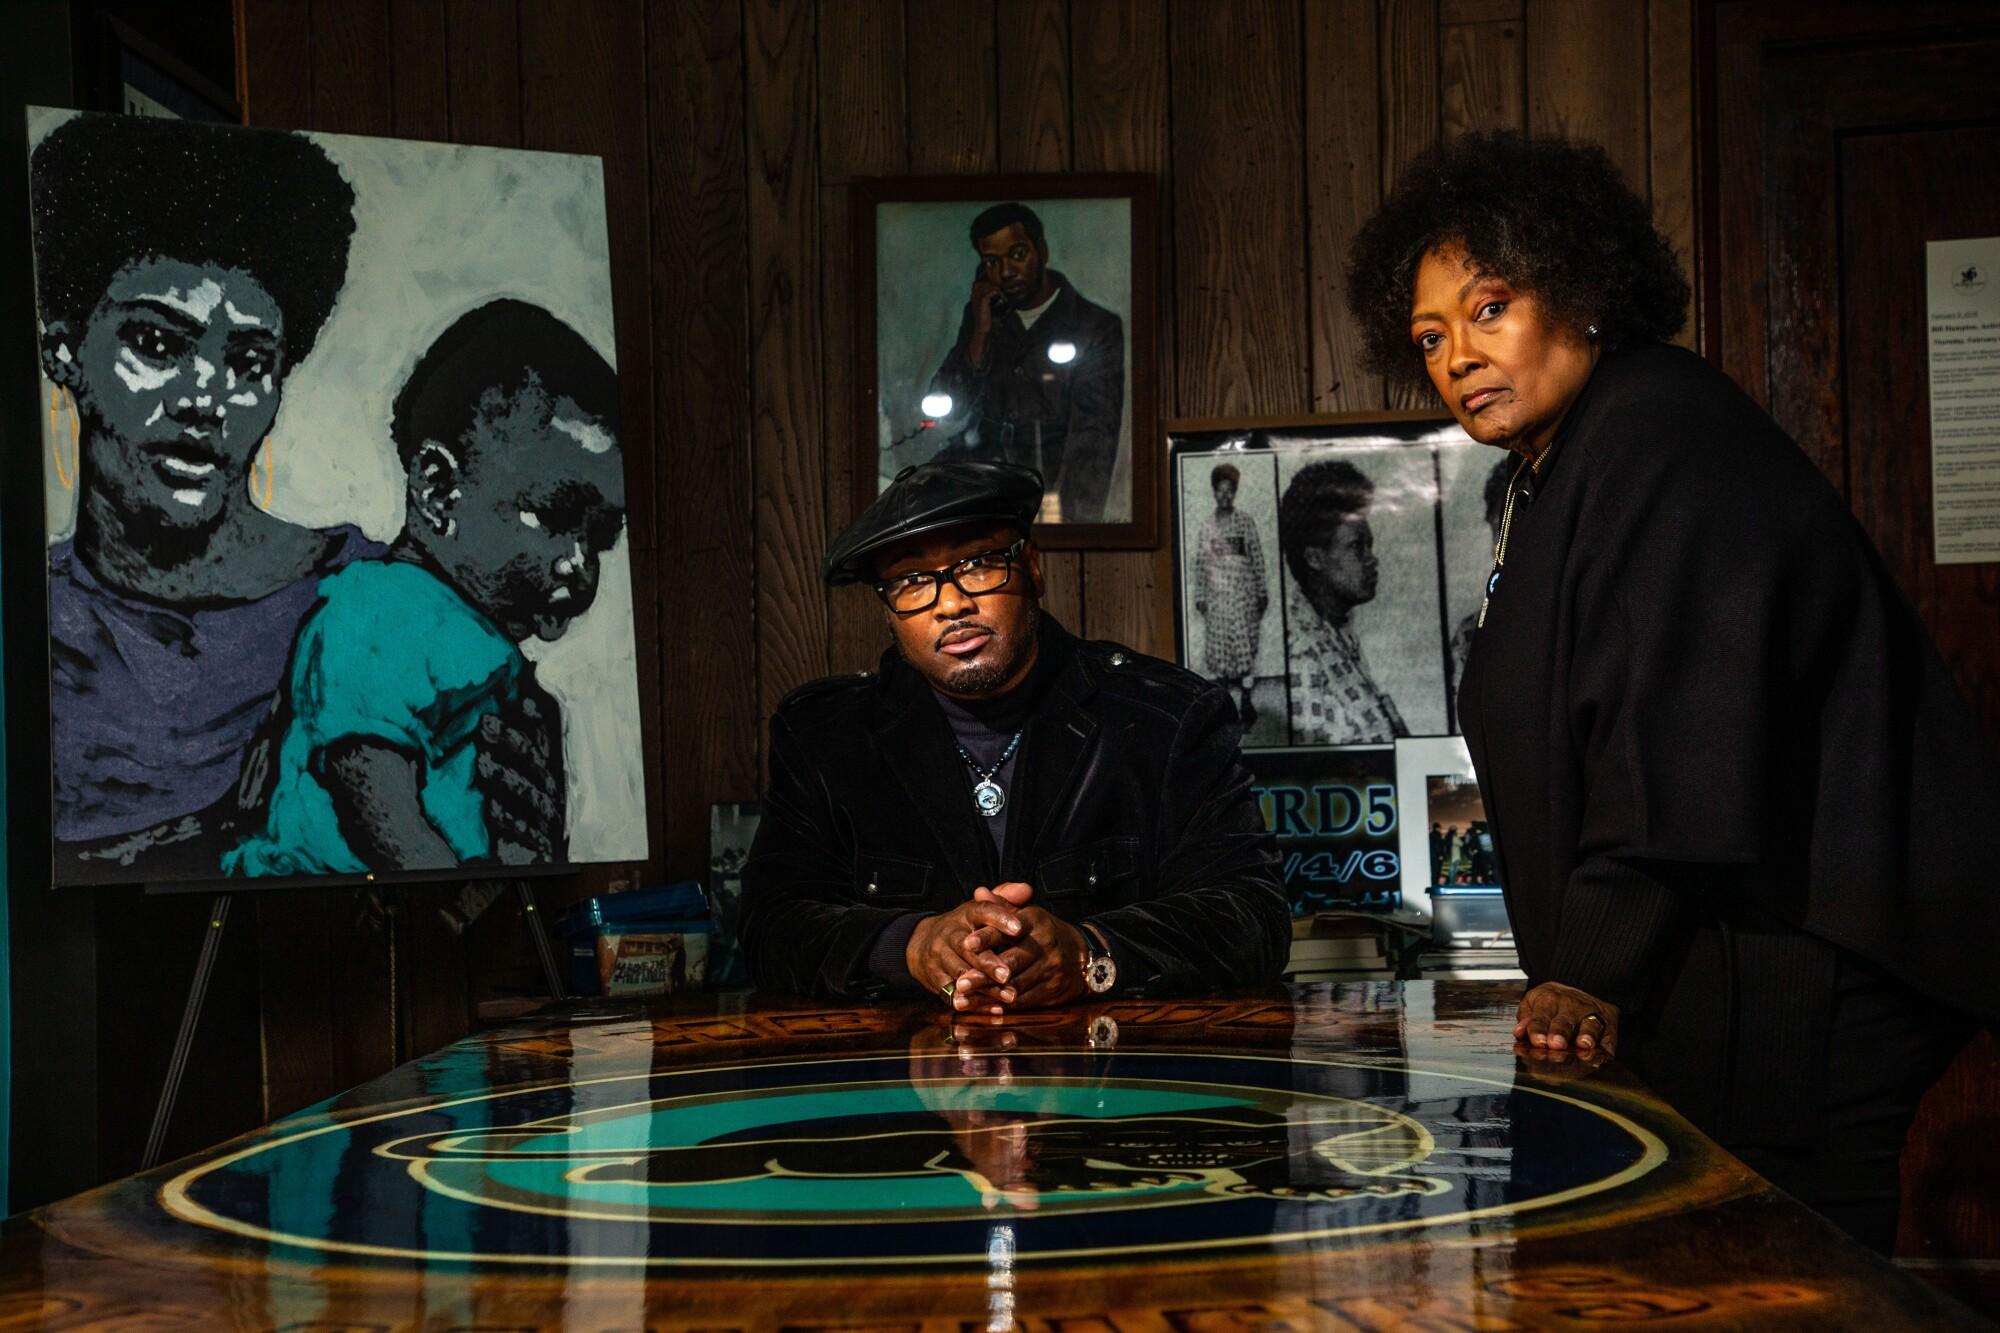 Fred Hampton Jr. son of the Slain Black Messiah Fred Hampton Black Panther Party